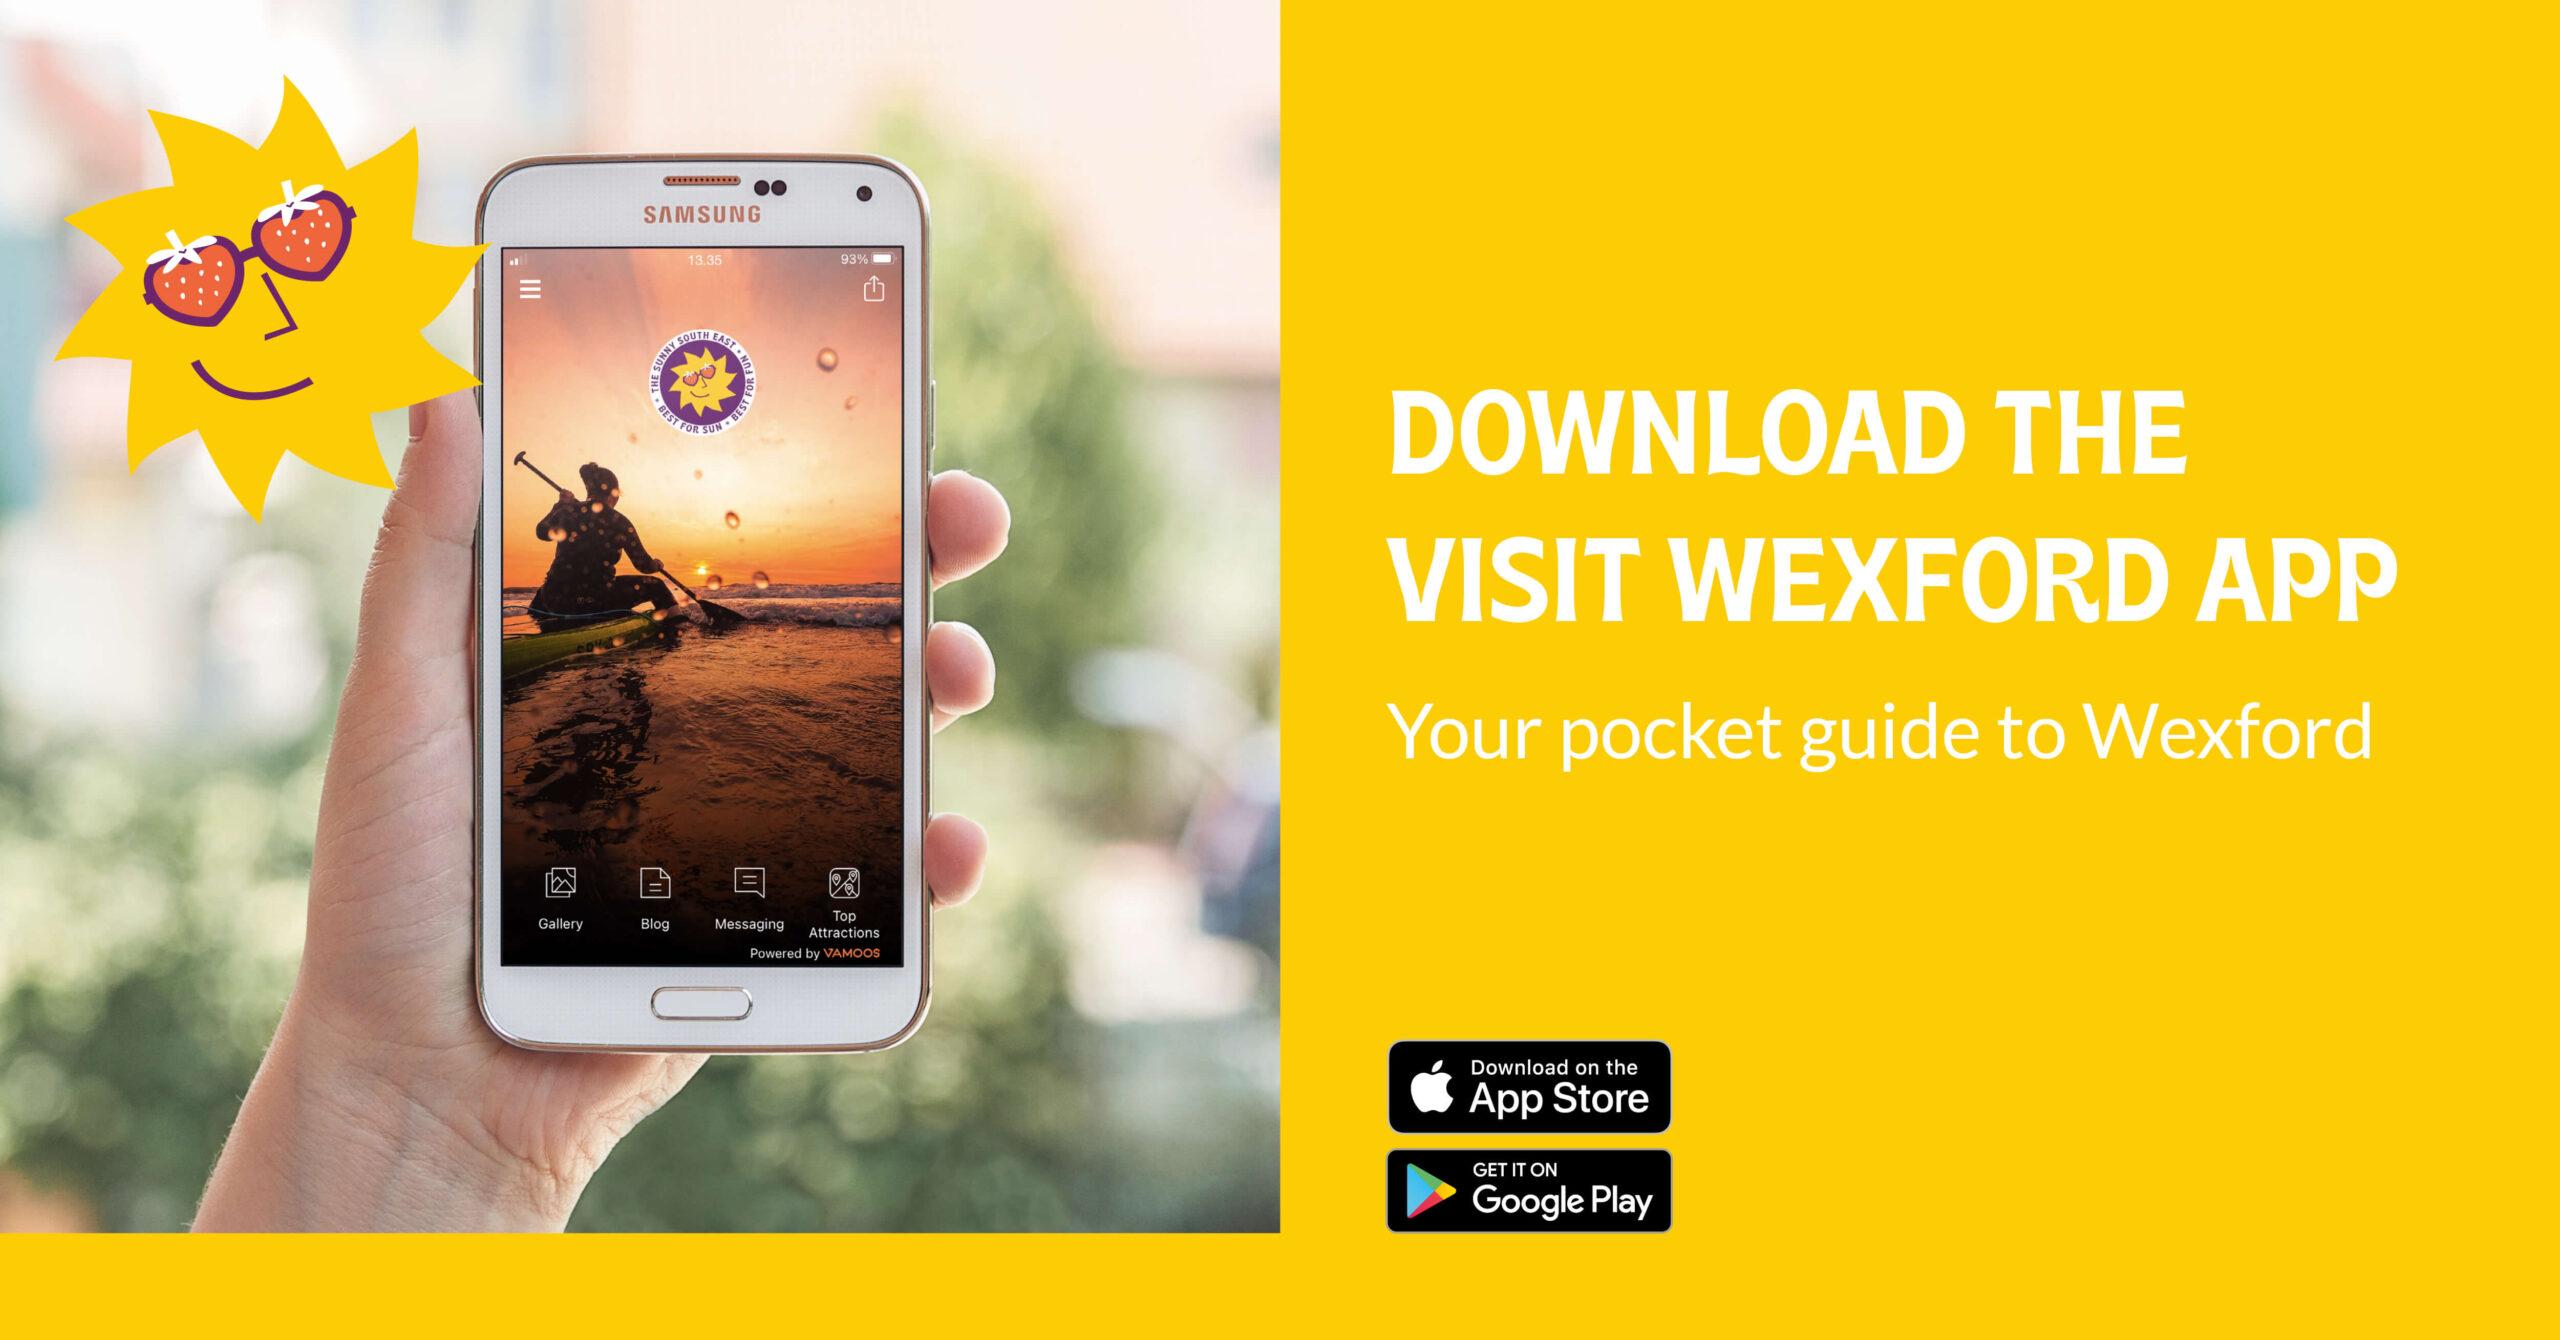 visit wexford app web banner